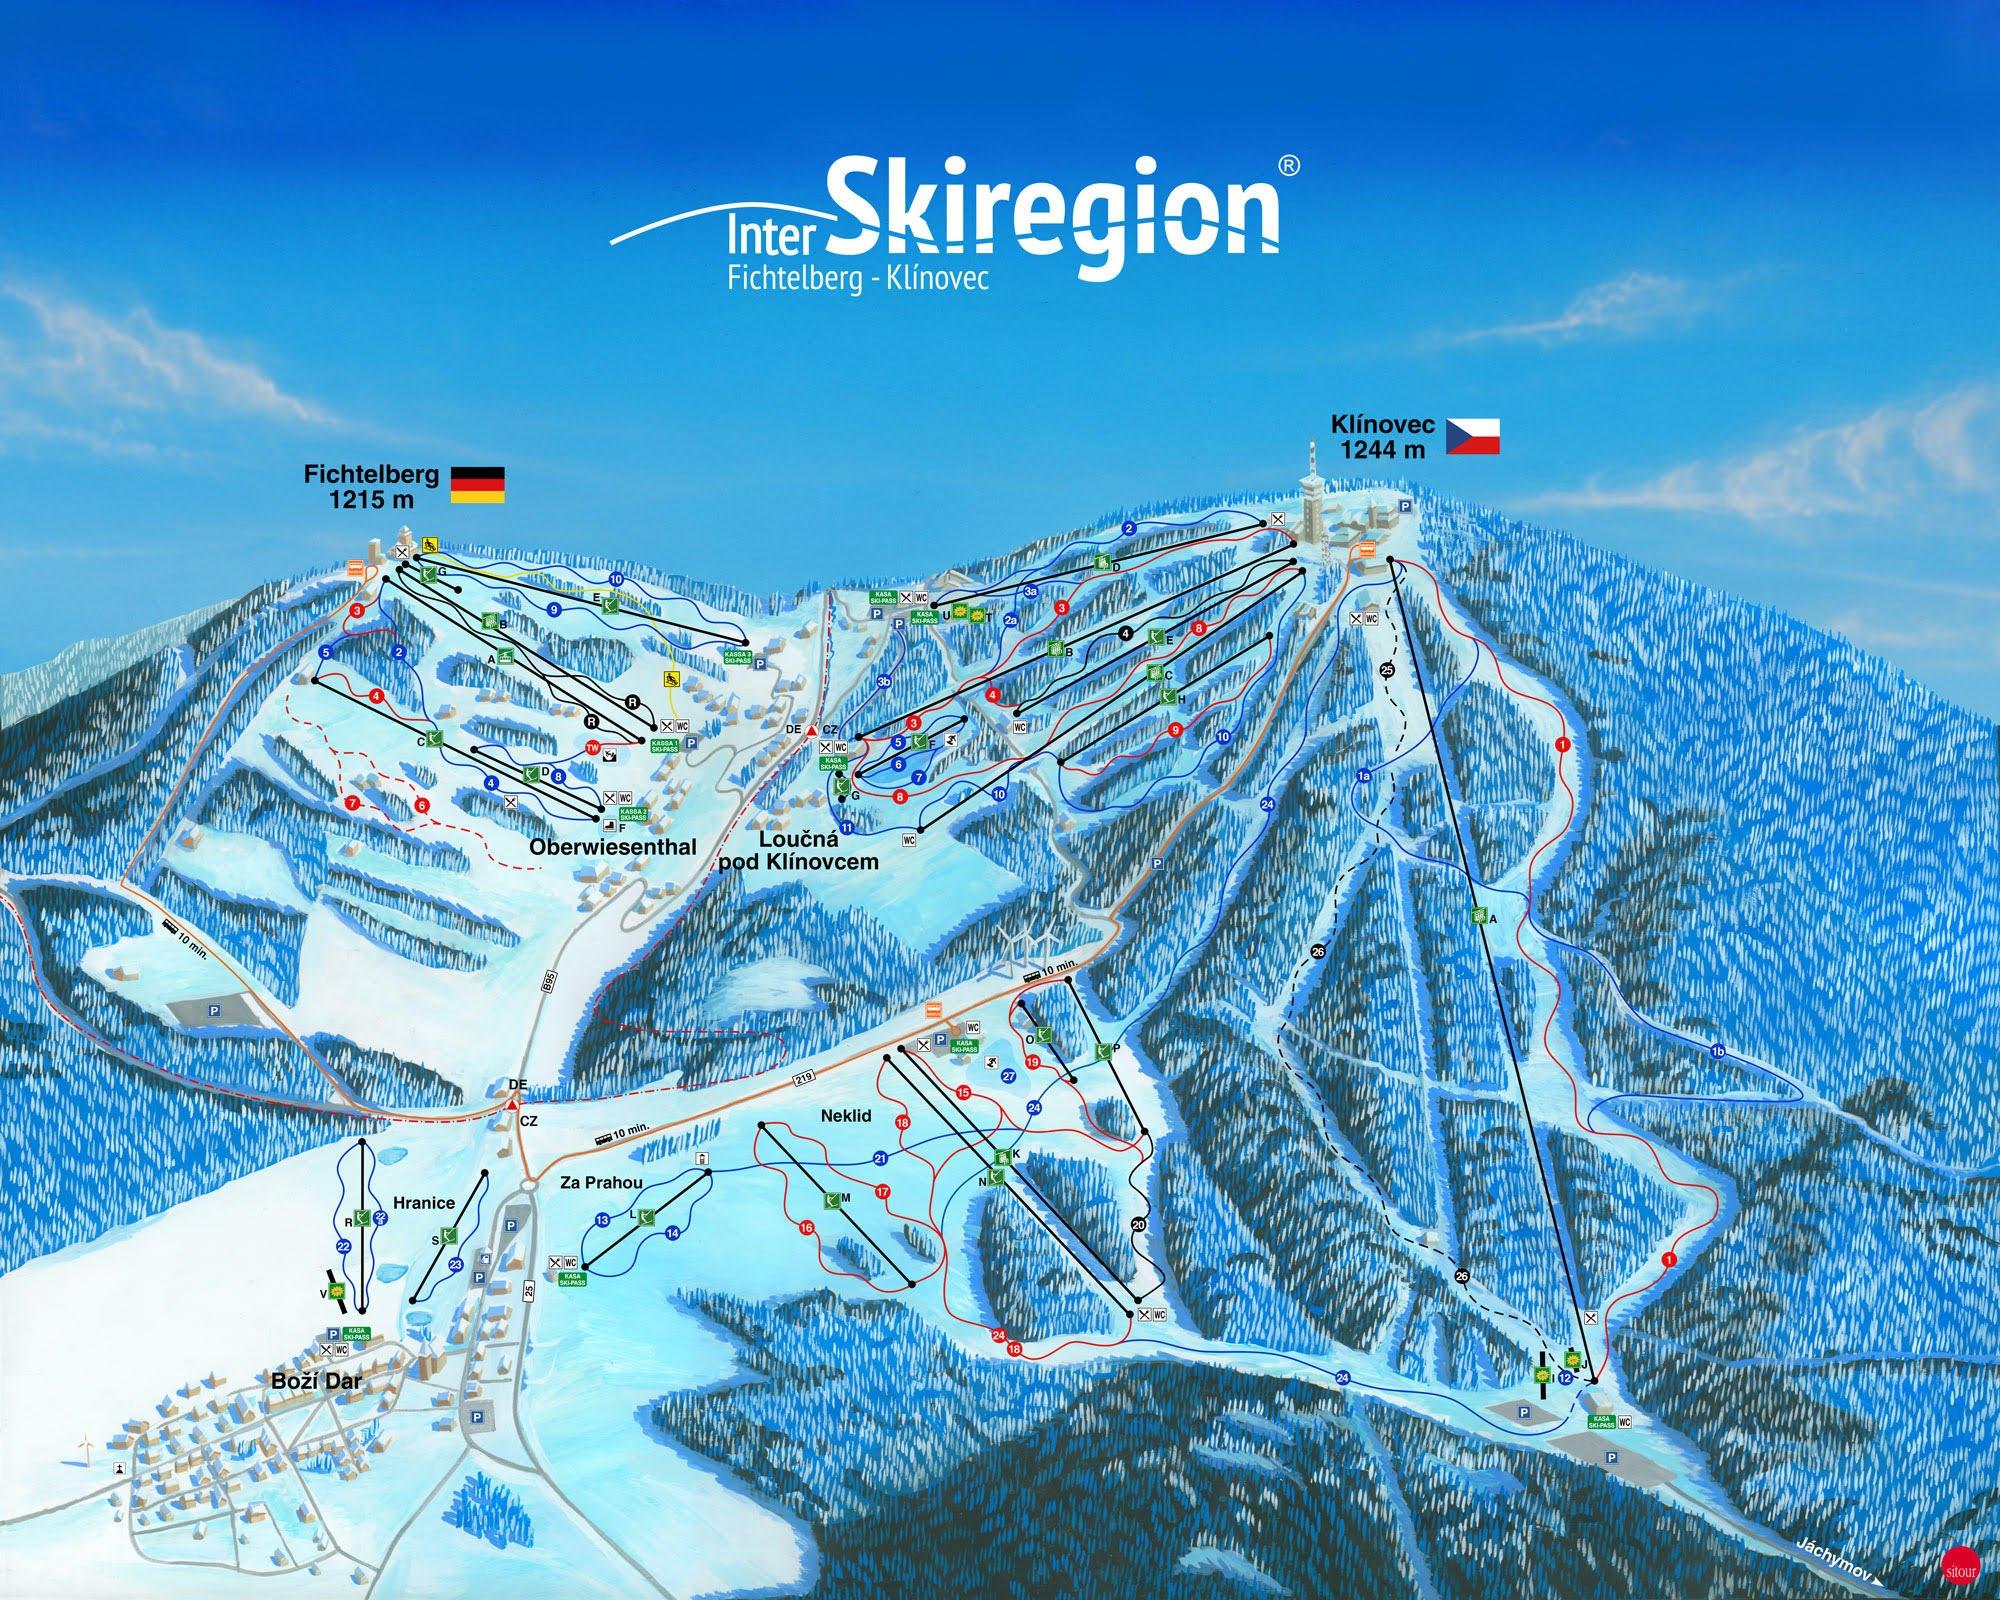 Ski Areal Klinovec Ski Areal Turistika Cz